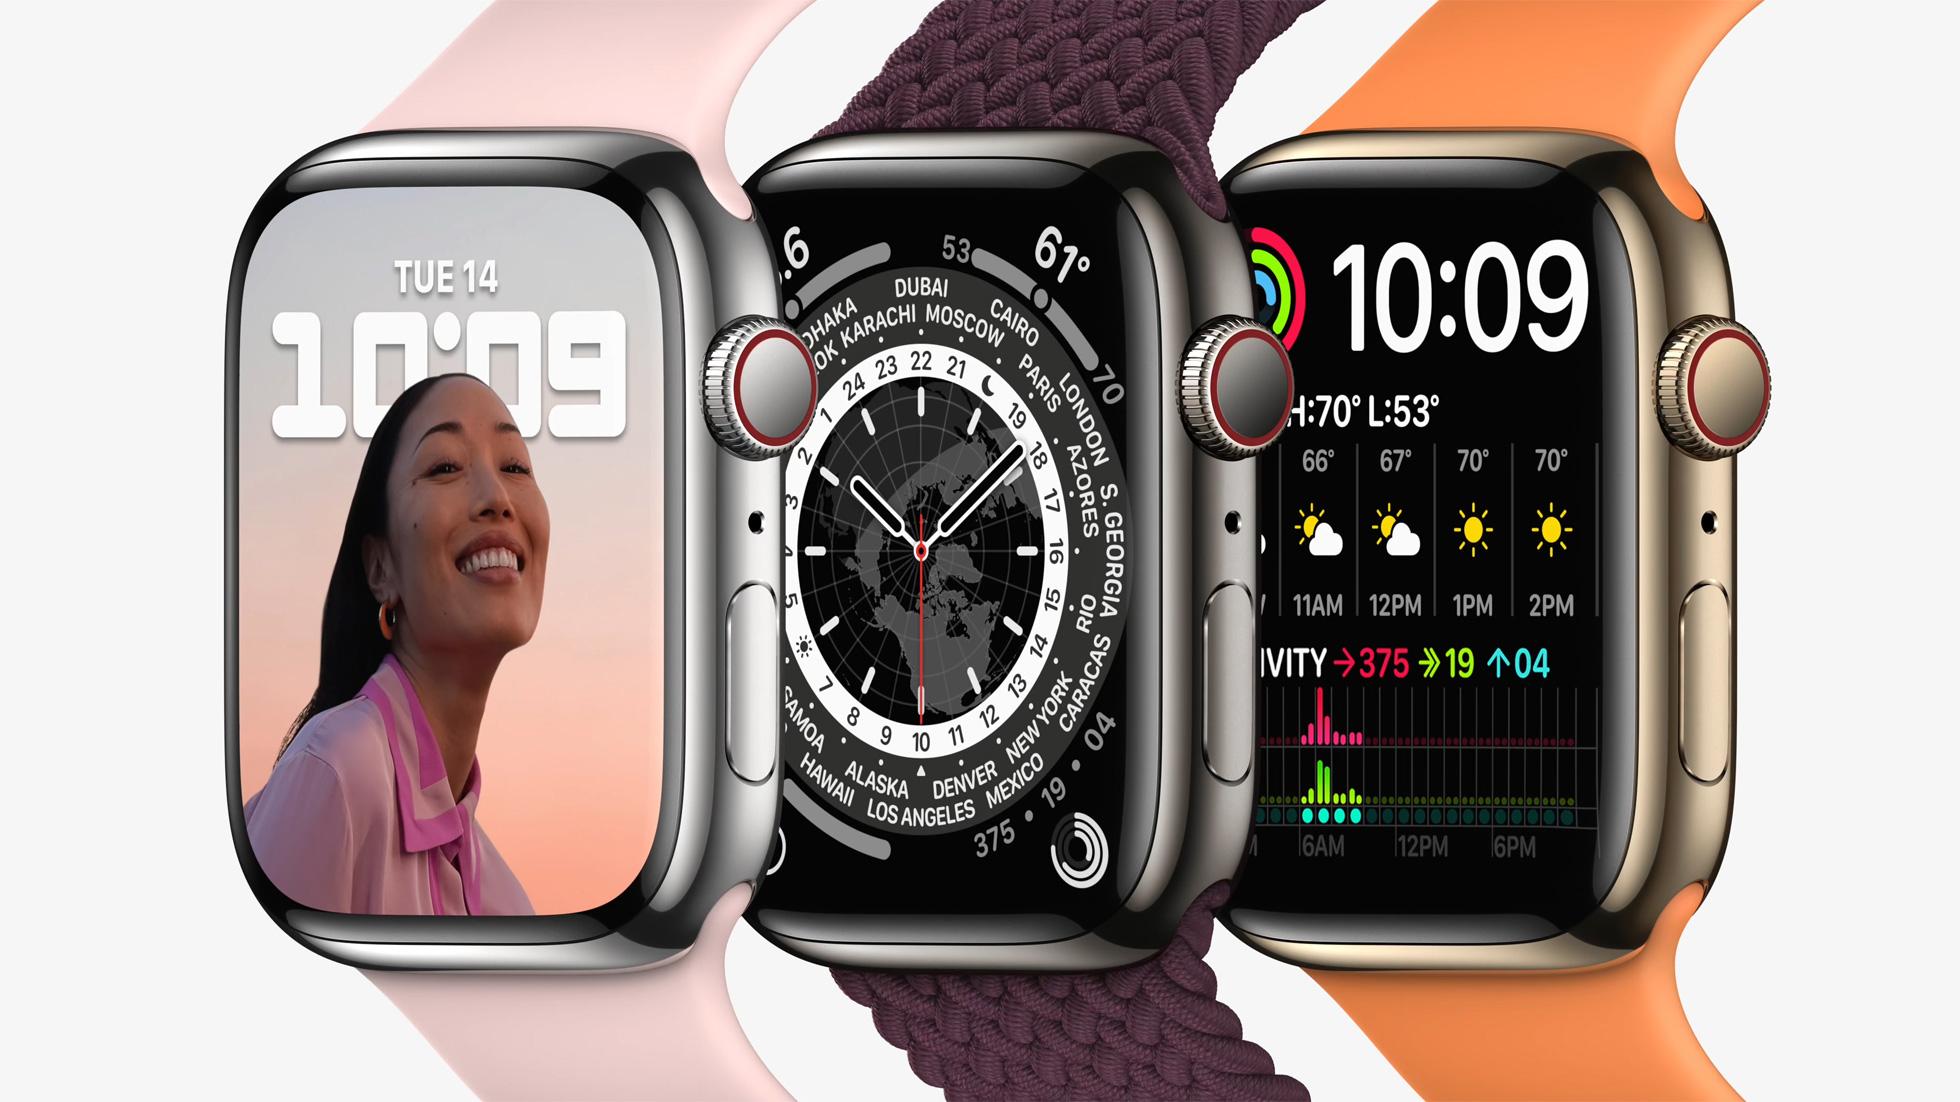 外媒爆料 苹果下一代Apple Watch将拥有Pro版本